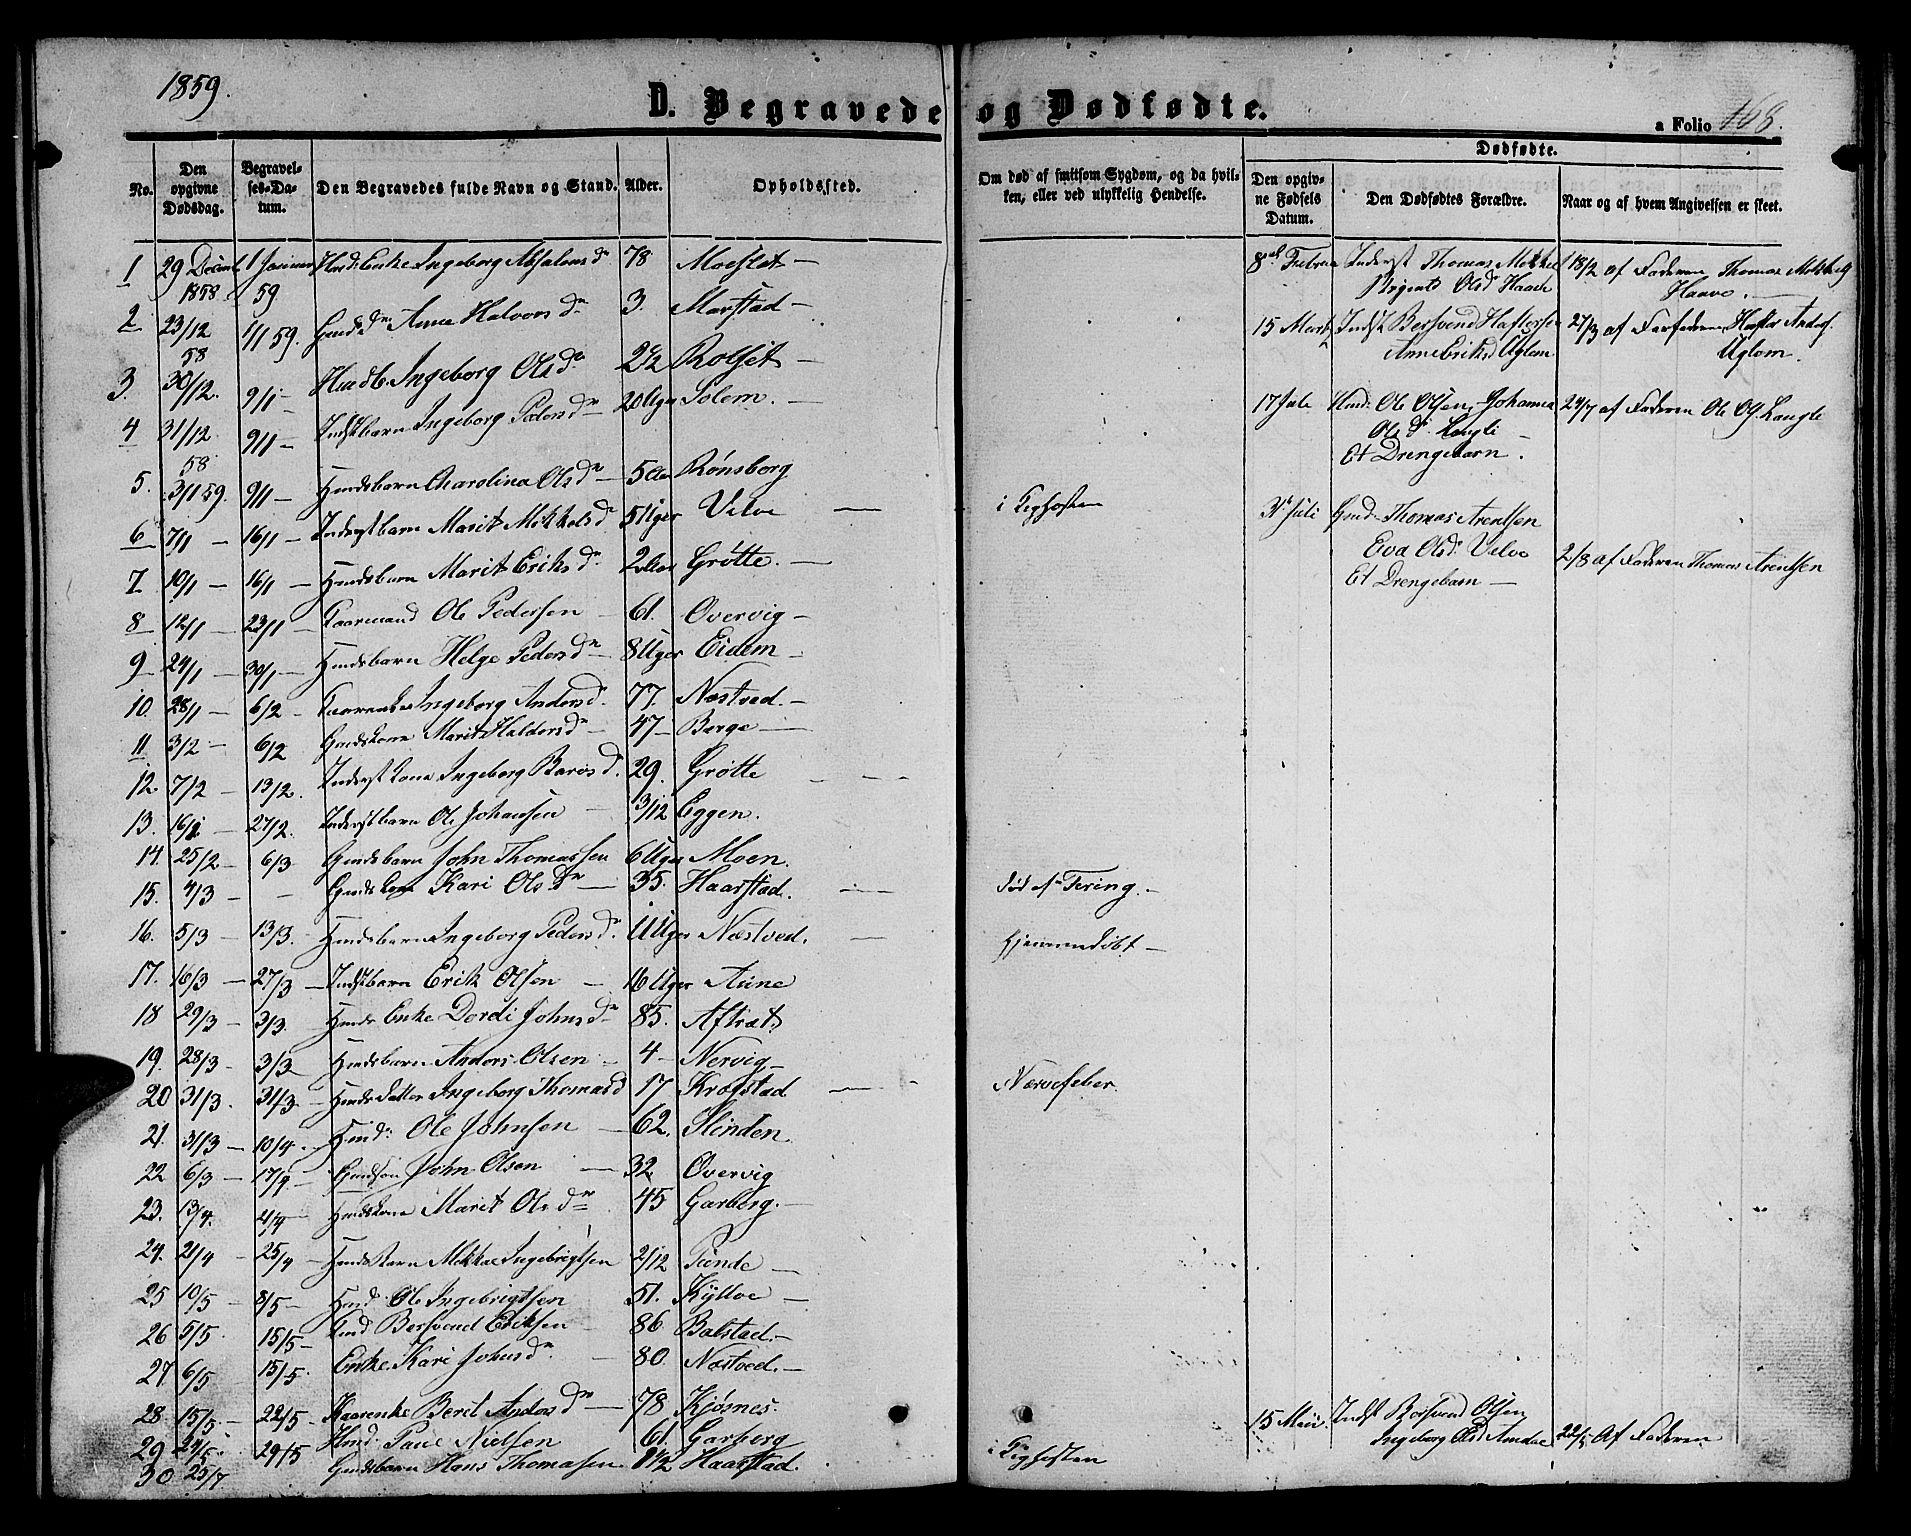 SAT, Ministerialprotokoller, klokkerbøker og fødselsregistre - Sør-Trøndelag, 695/L1155: Klokkerbok nr. 695C06, 1859-1868, s. 168